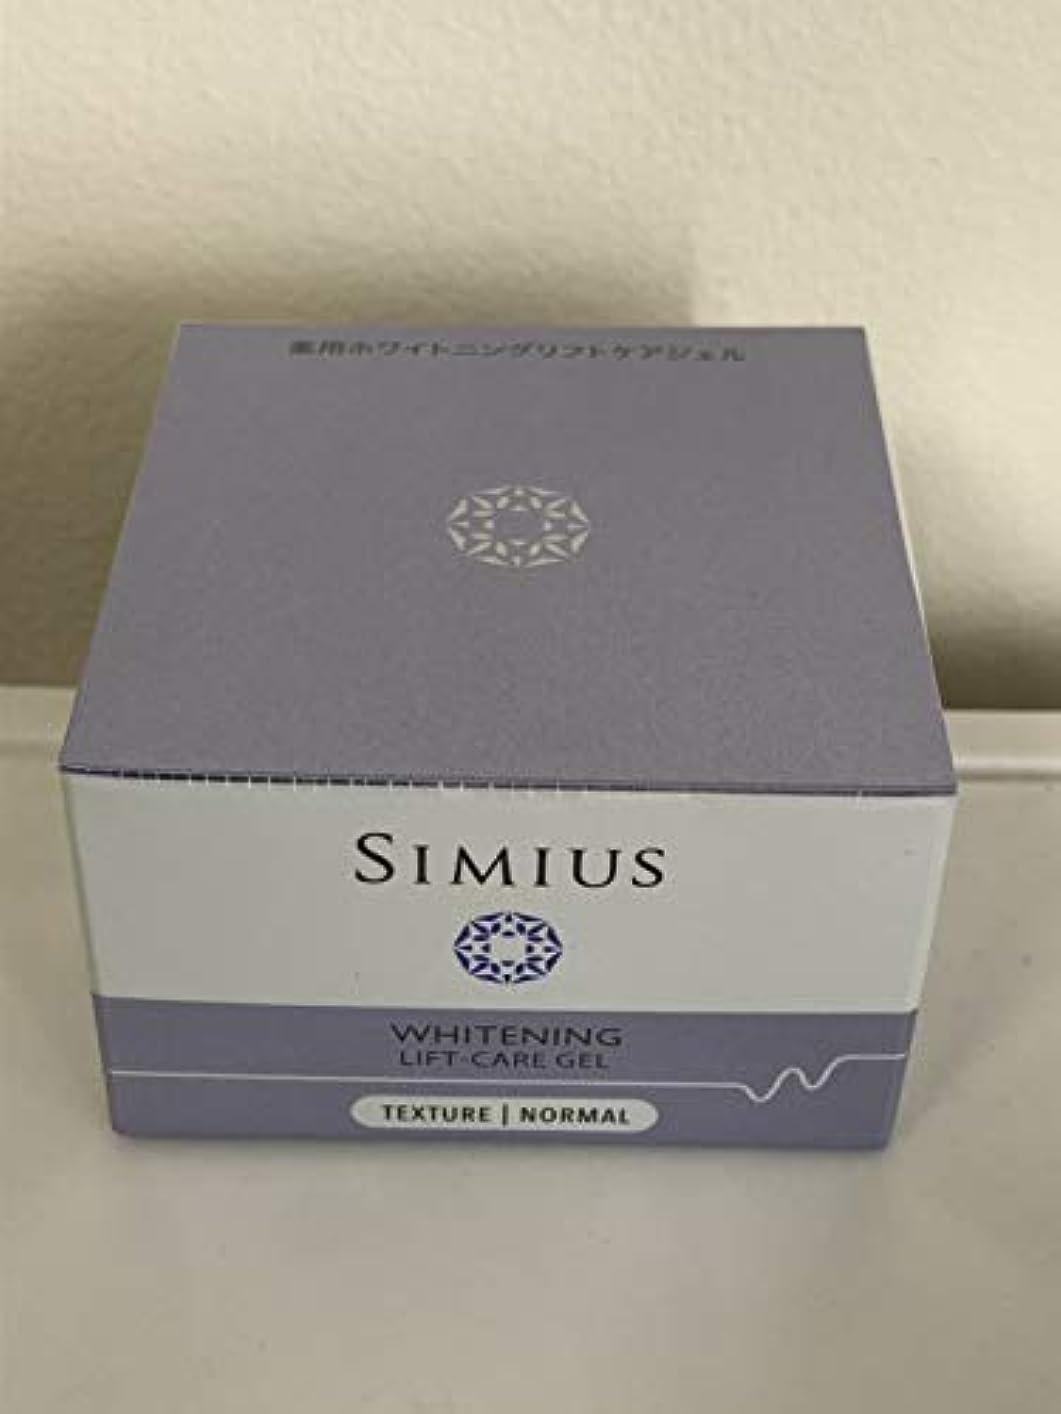 ヘビ暗唱するレタッチGrace & Lucere Simius ホワイトニング リフトケアジェル 60g